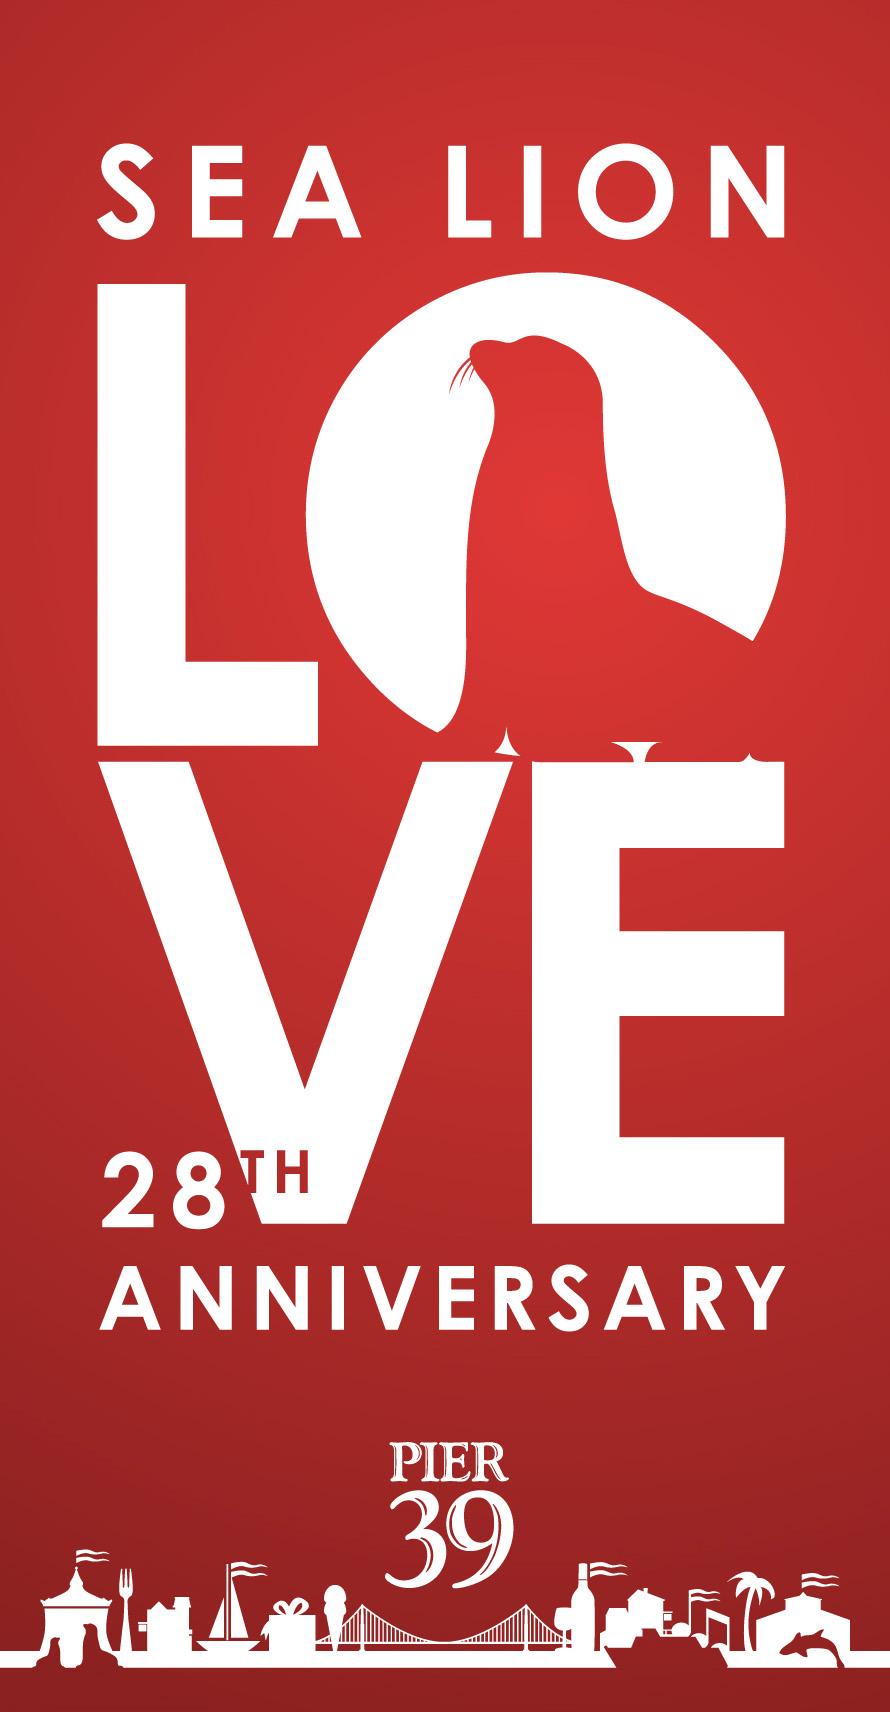 Sea Lion Love, 28th Anniversary, PIER 39